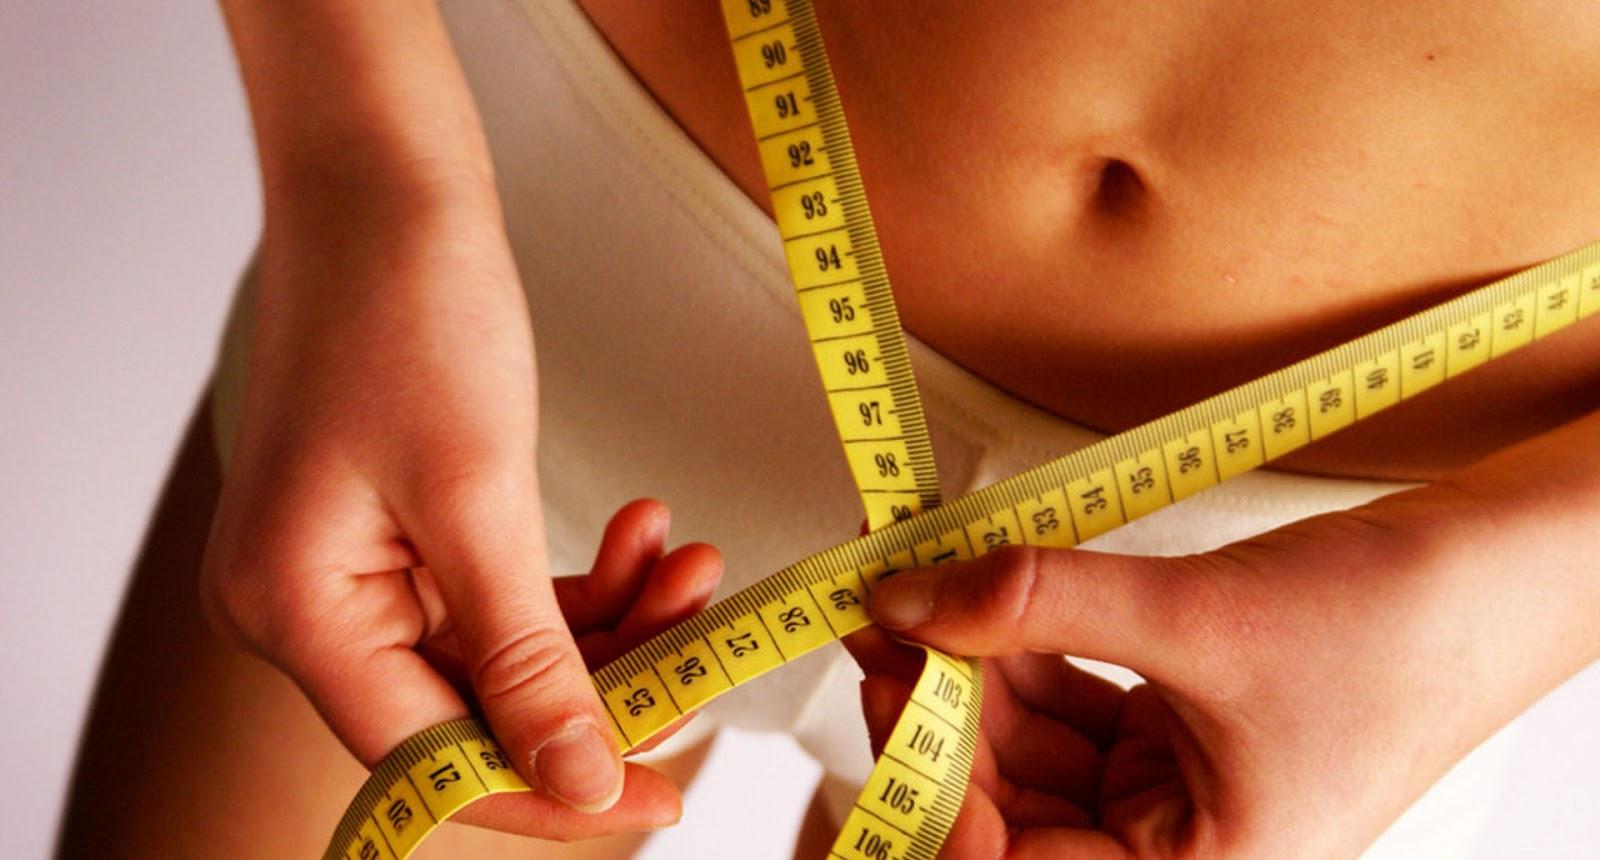 comment perdre du poids corps essentiel bruler des calories faire de l 39 exercice. Black Bedroom Furniture Sets. Home Design Ideas